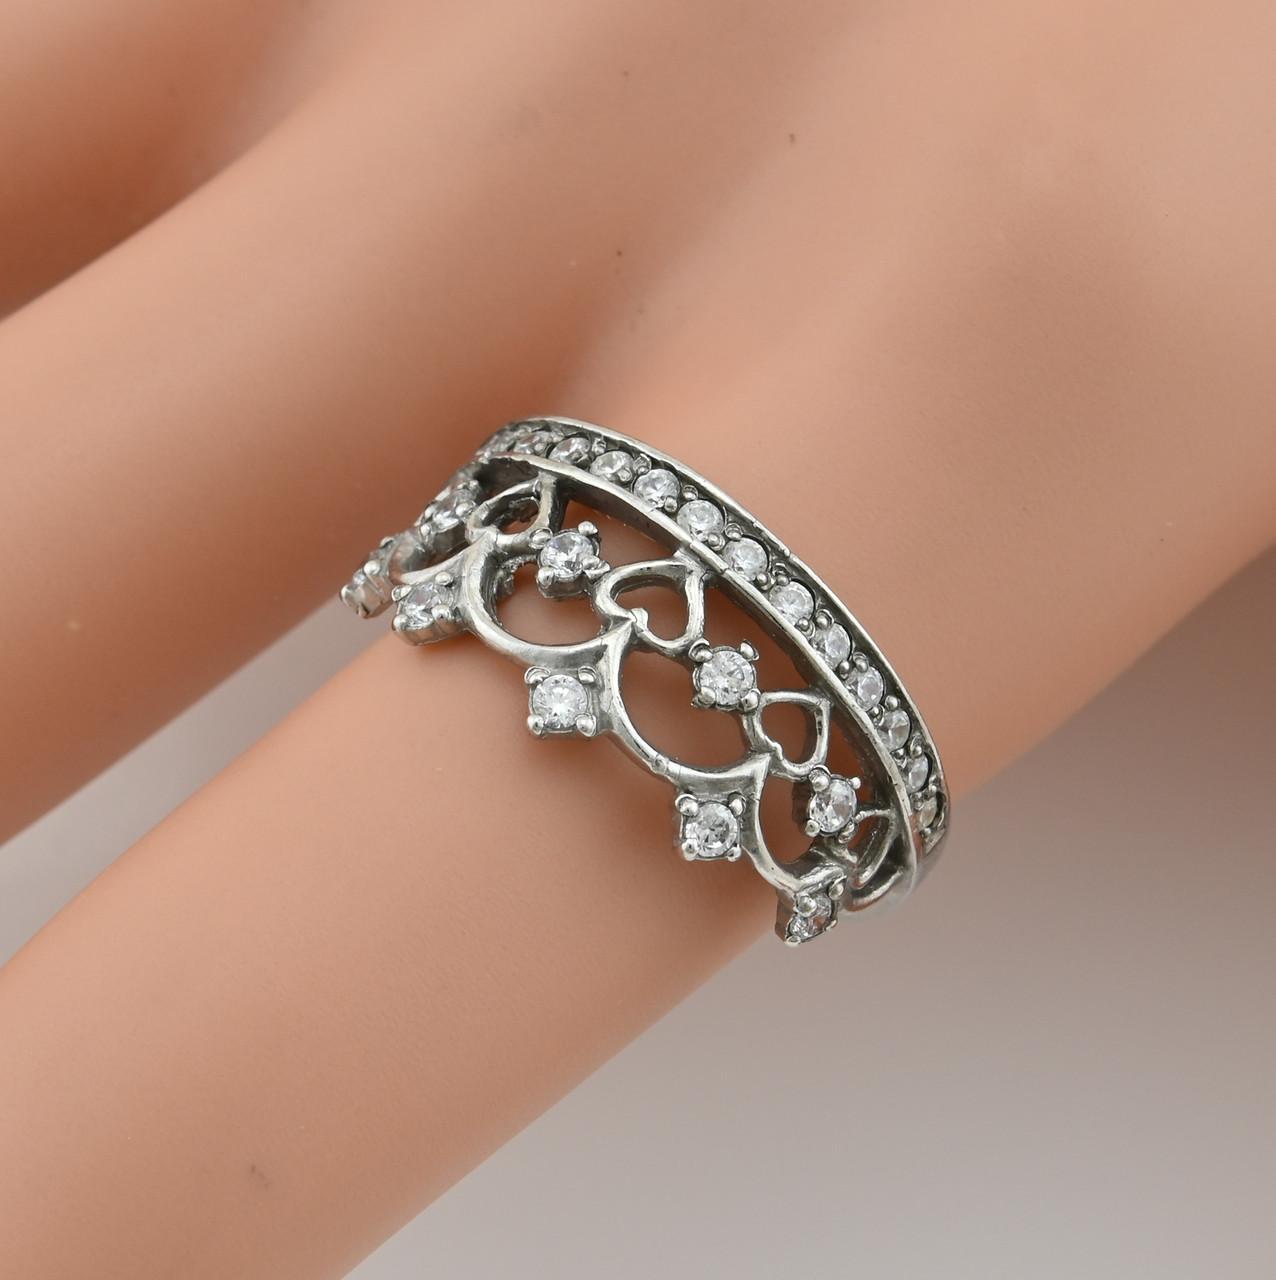 Серебряное кольцо Корона размер 19 белые фианиты вес 2.78 г